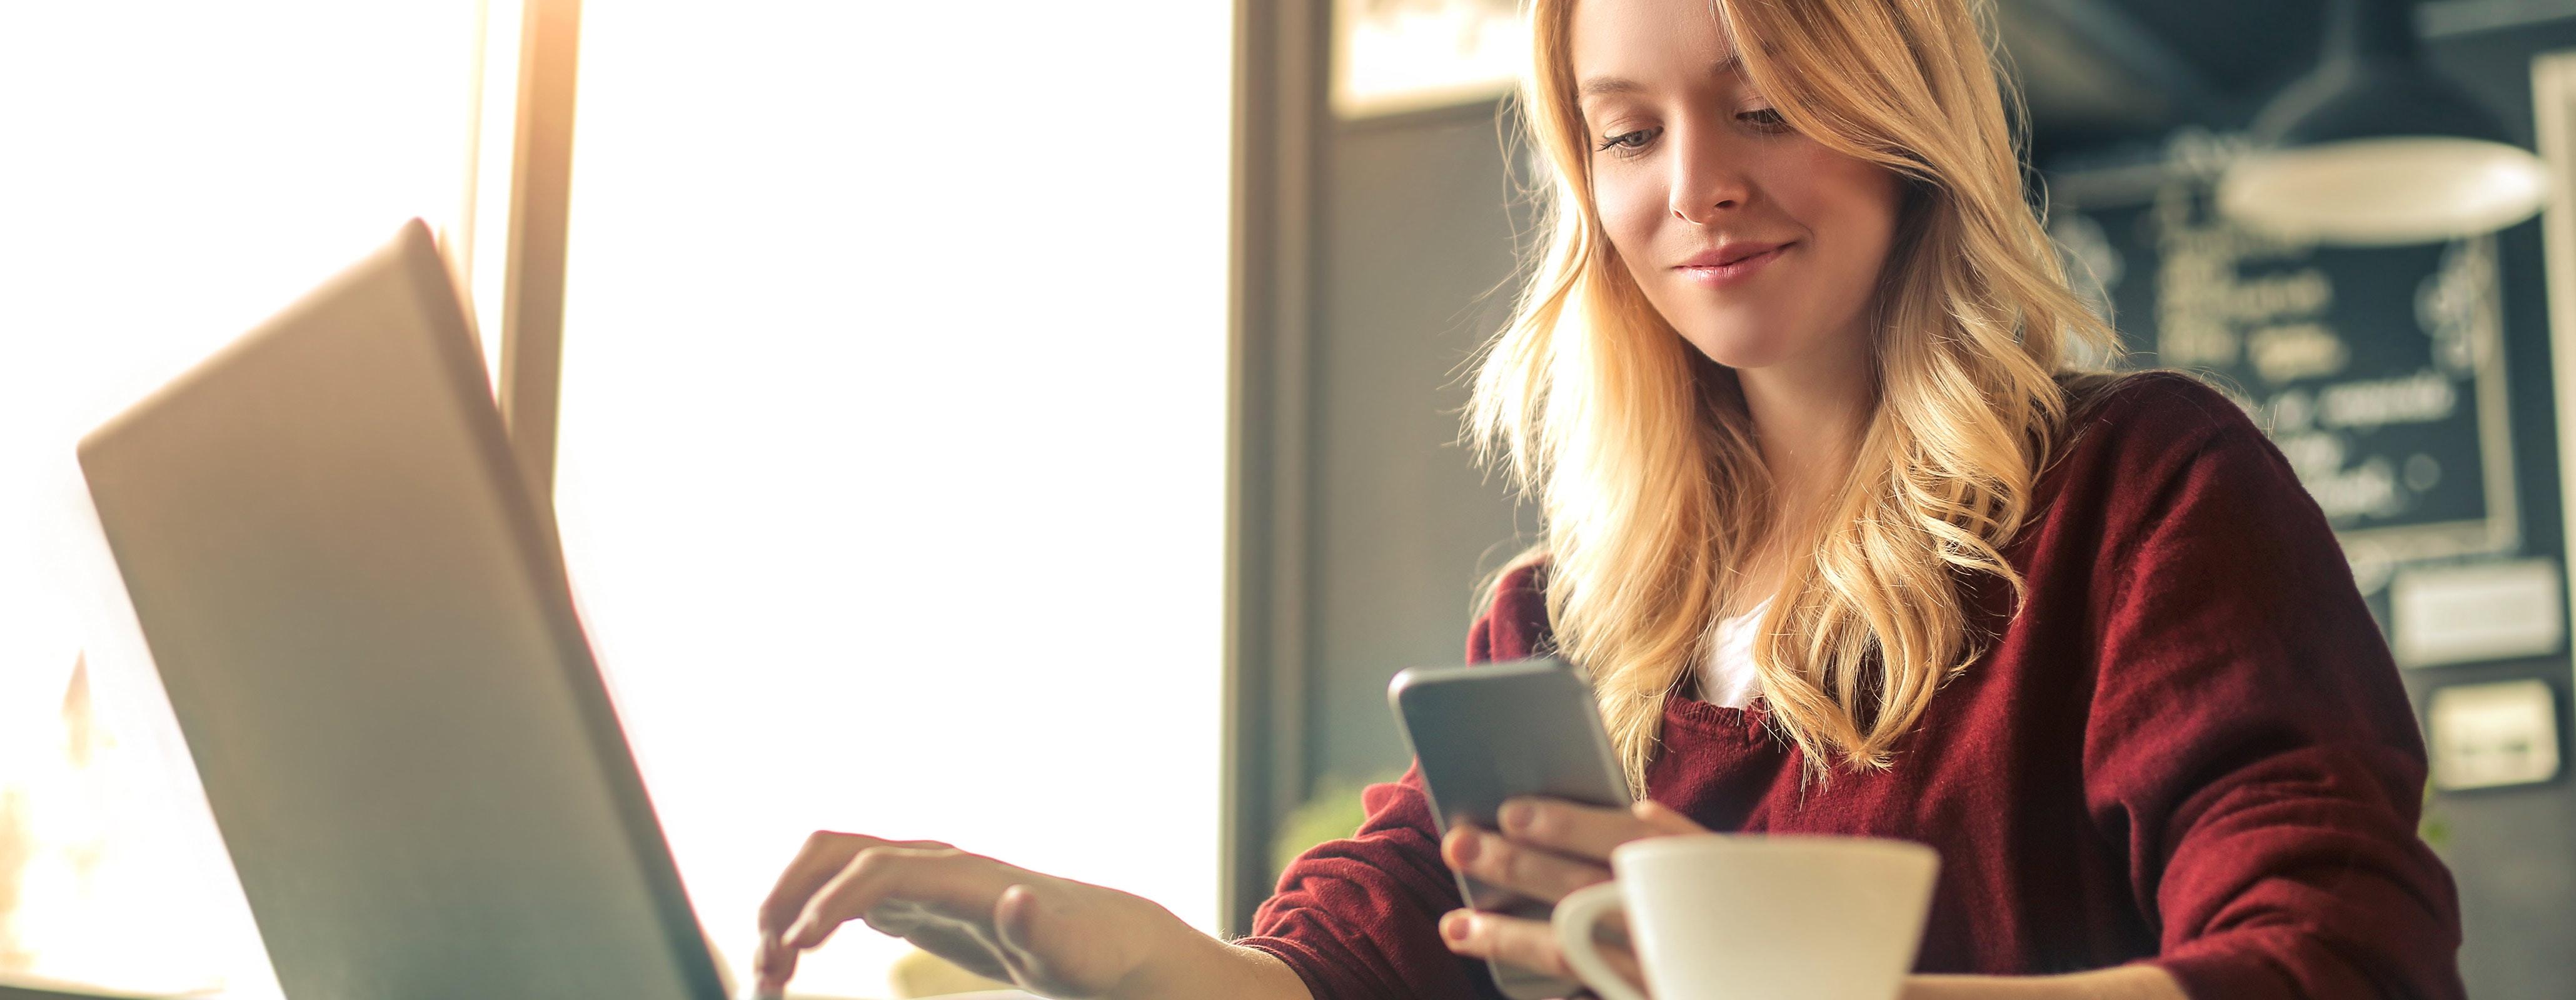 Vrouw achter laptop met mobiel